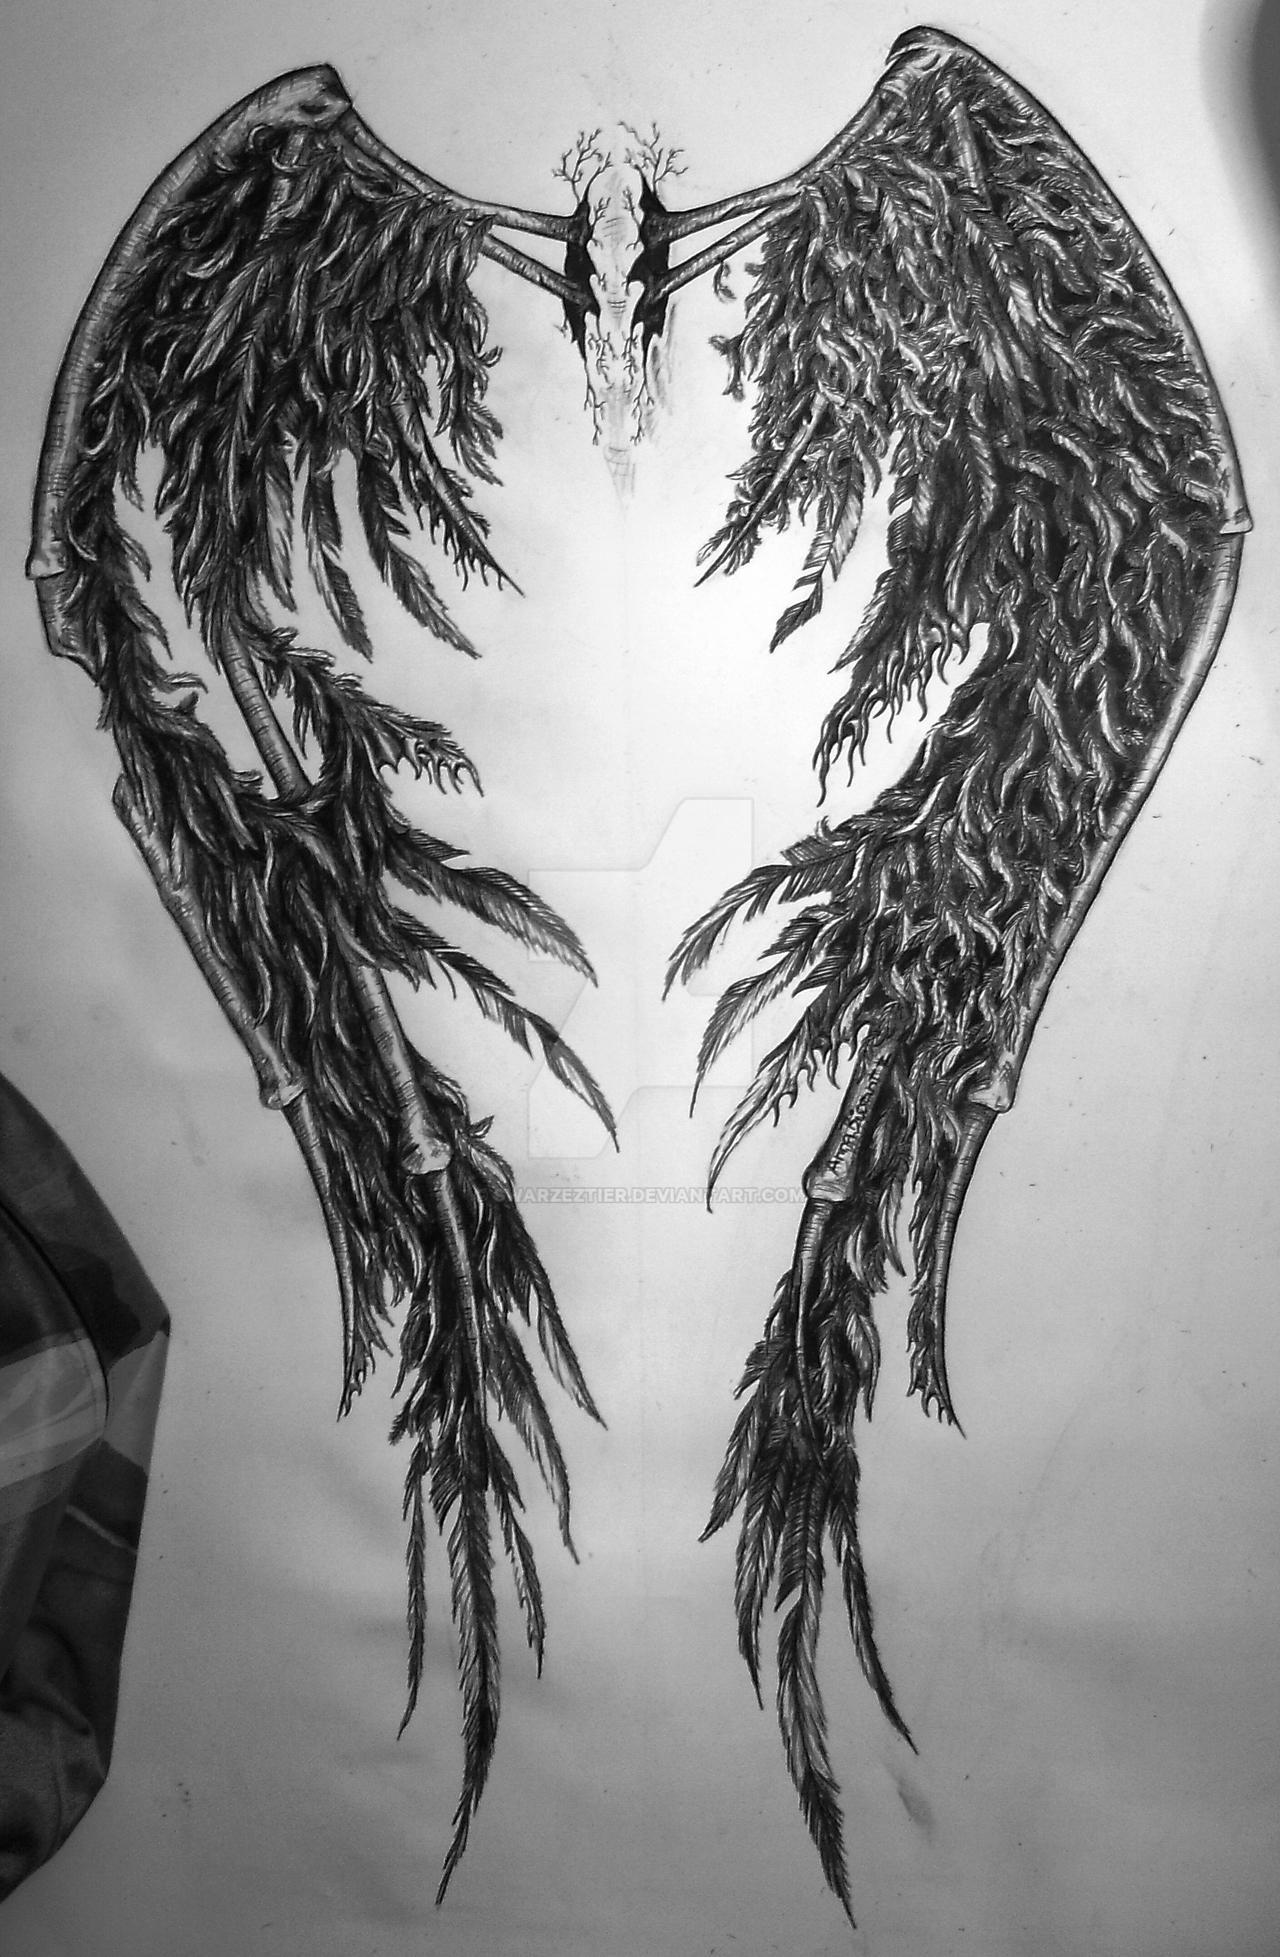 fallen angel wings 2 by SwarzezTier on DeviantArt